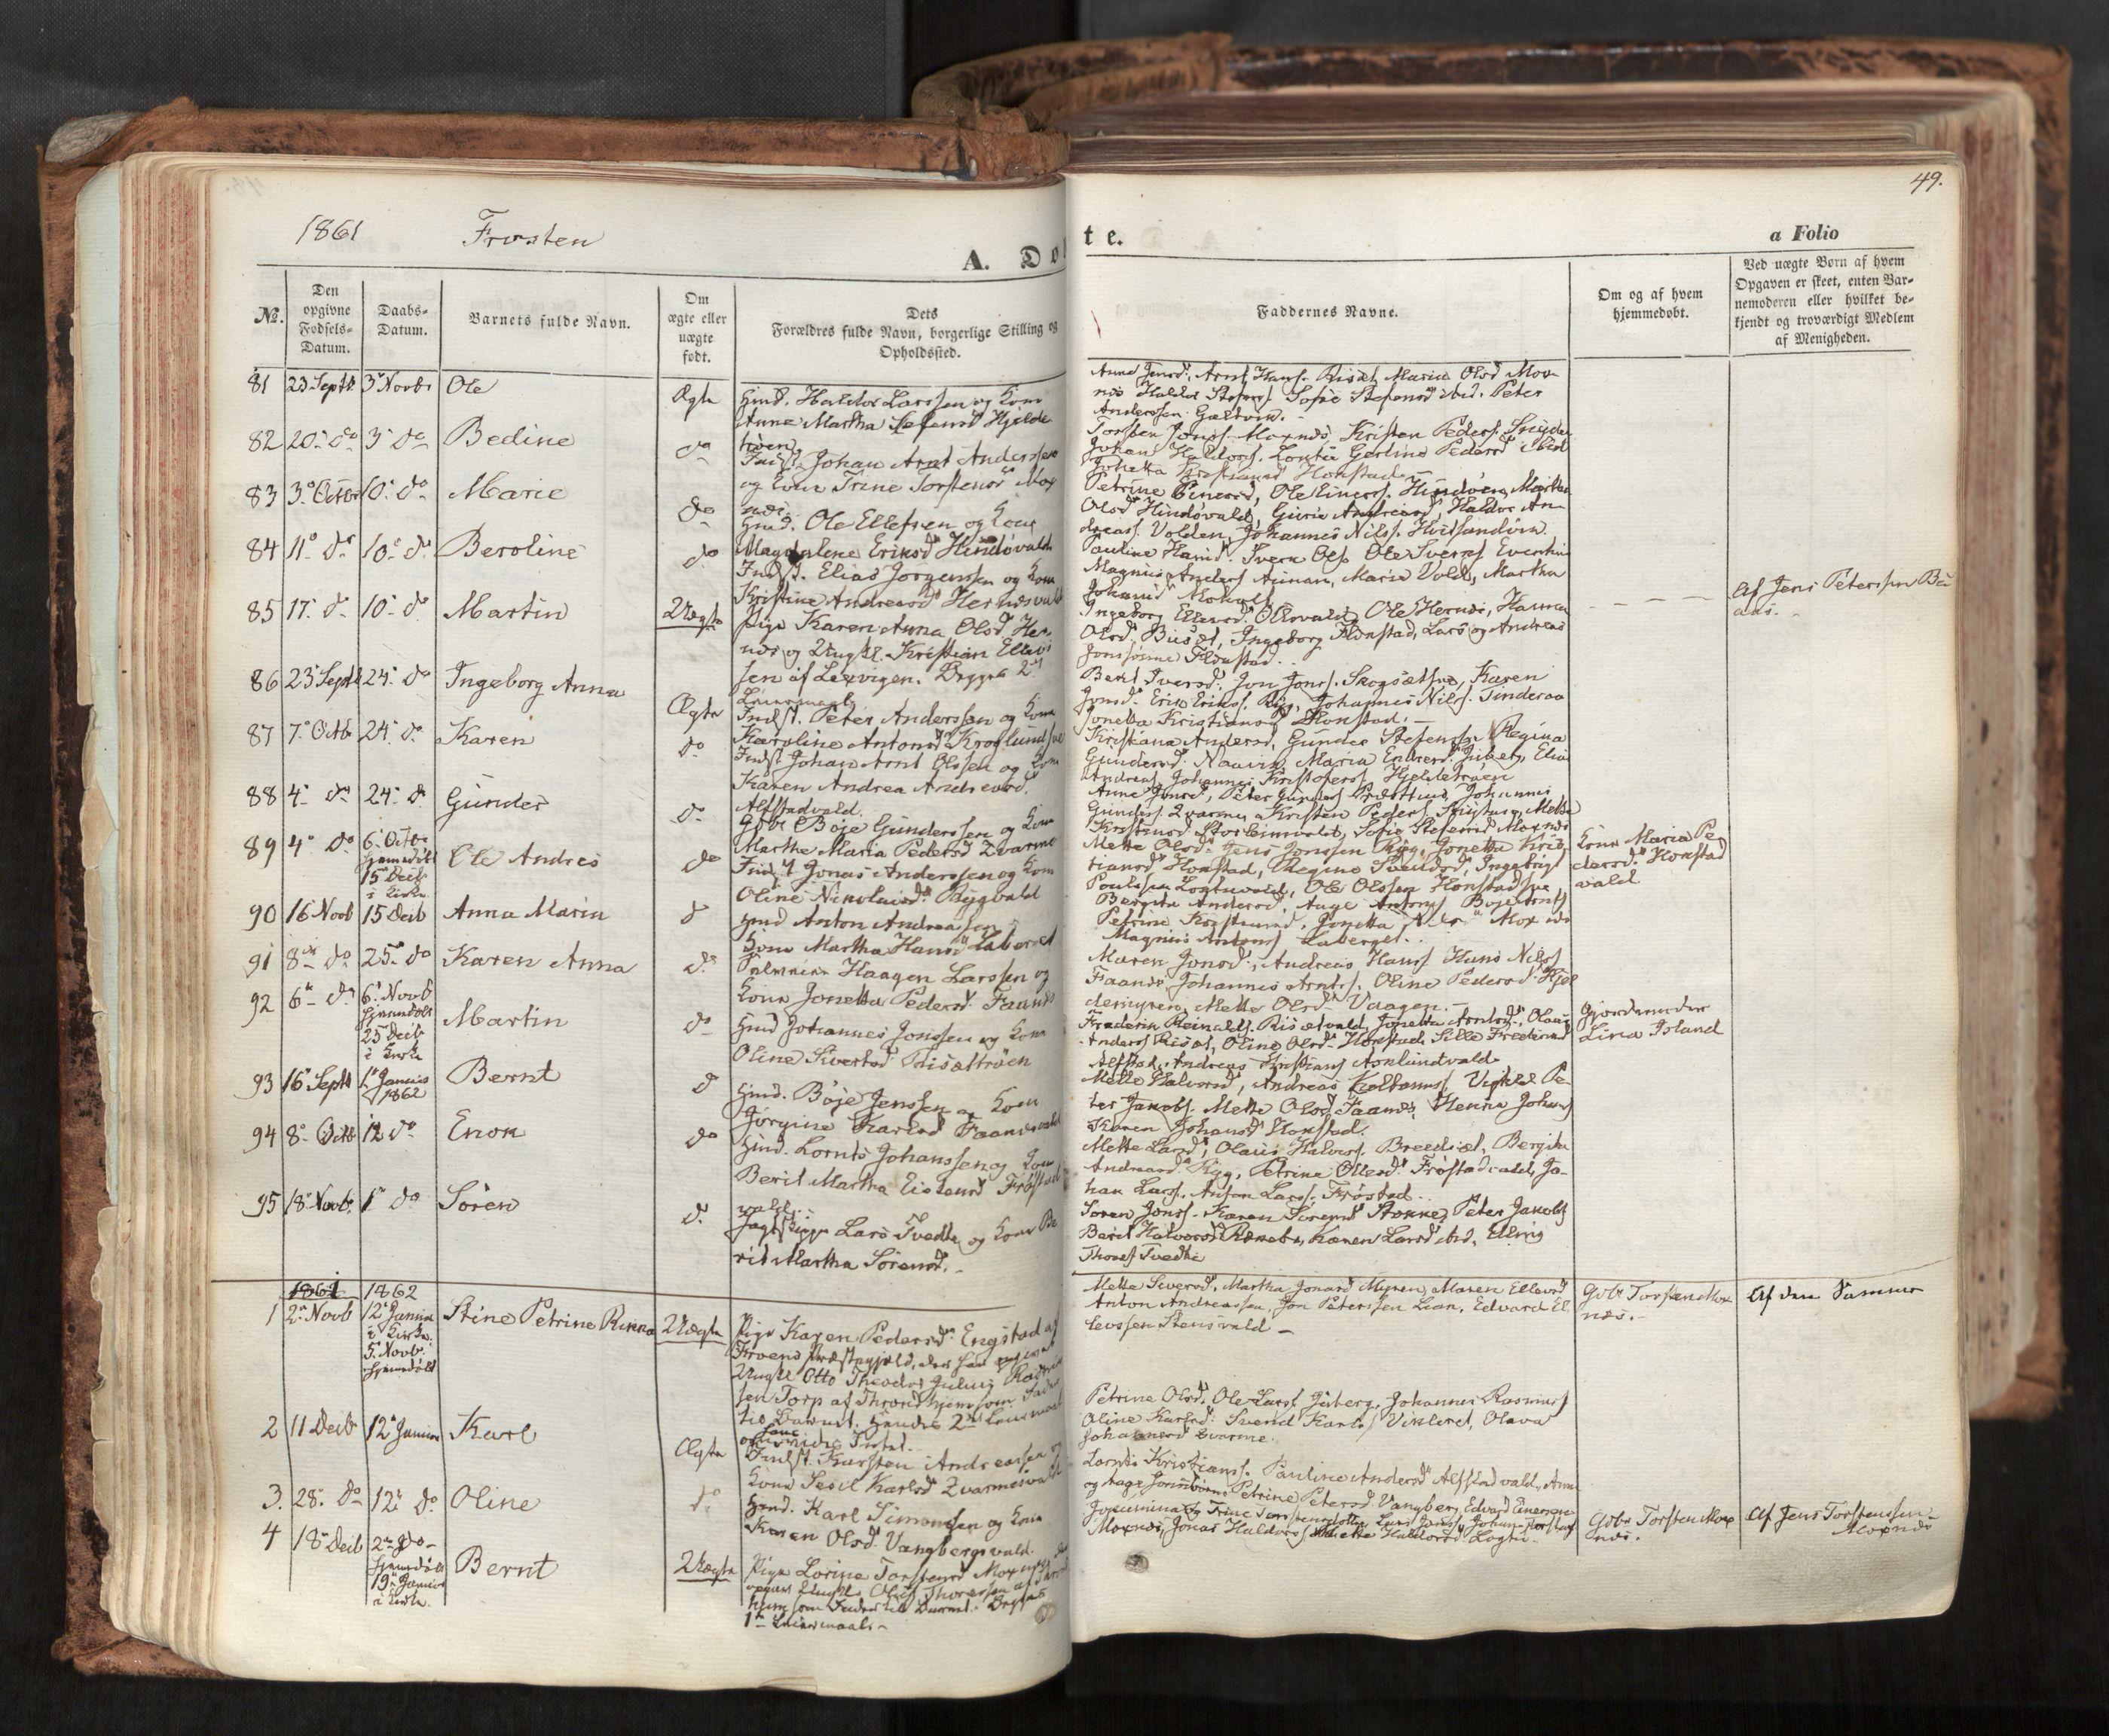 SAT, Ministerialprotokoller, klokkerbøker og fødselsregistre - Nord-Trøndelag, 713/L0116: Ministerialbok nr. 713A07, 1850-1877, s. 49